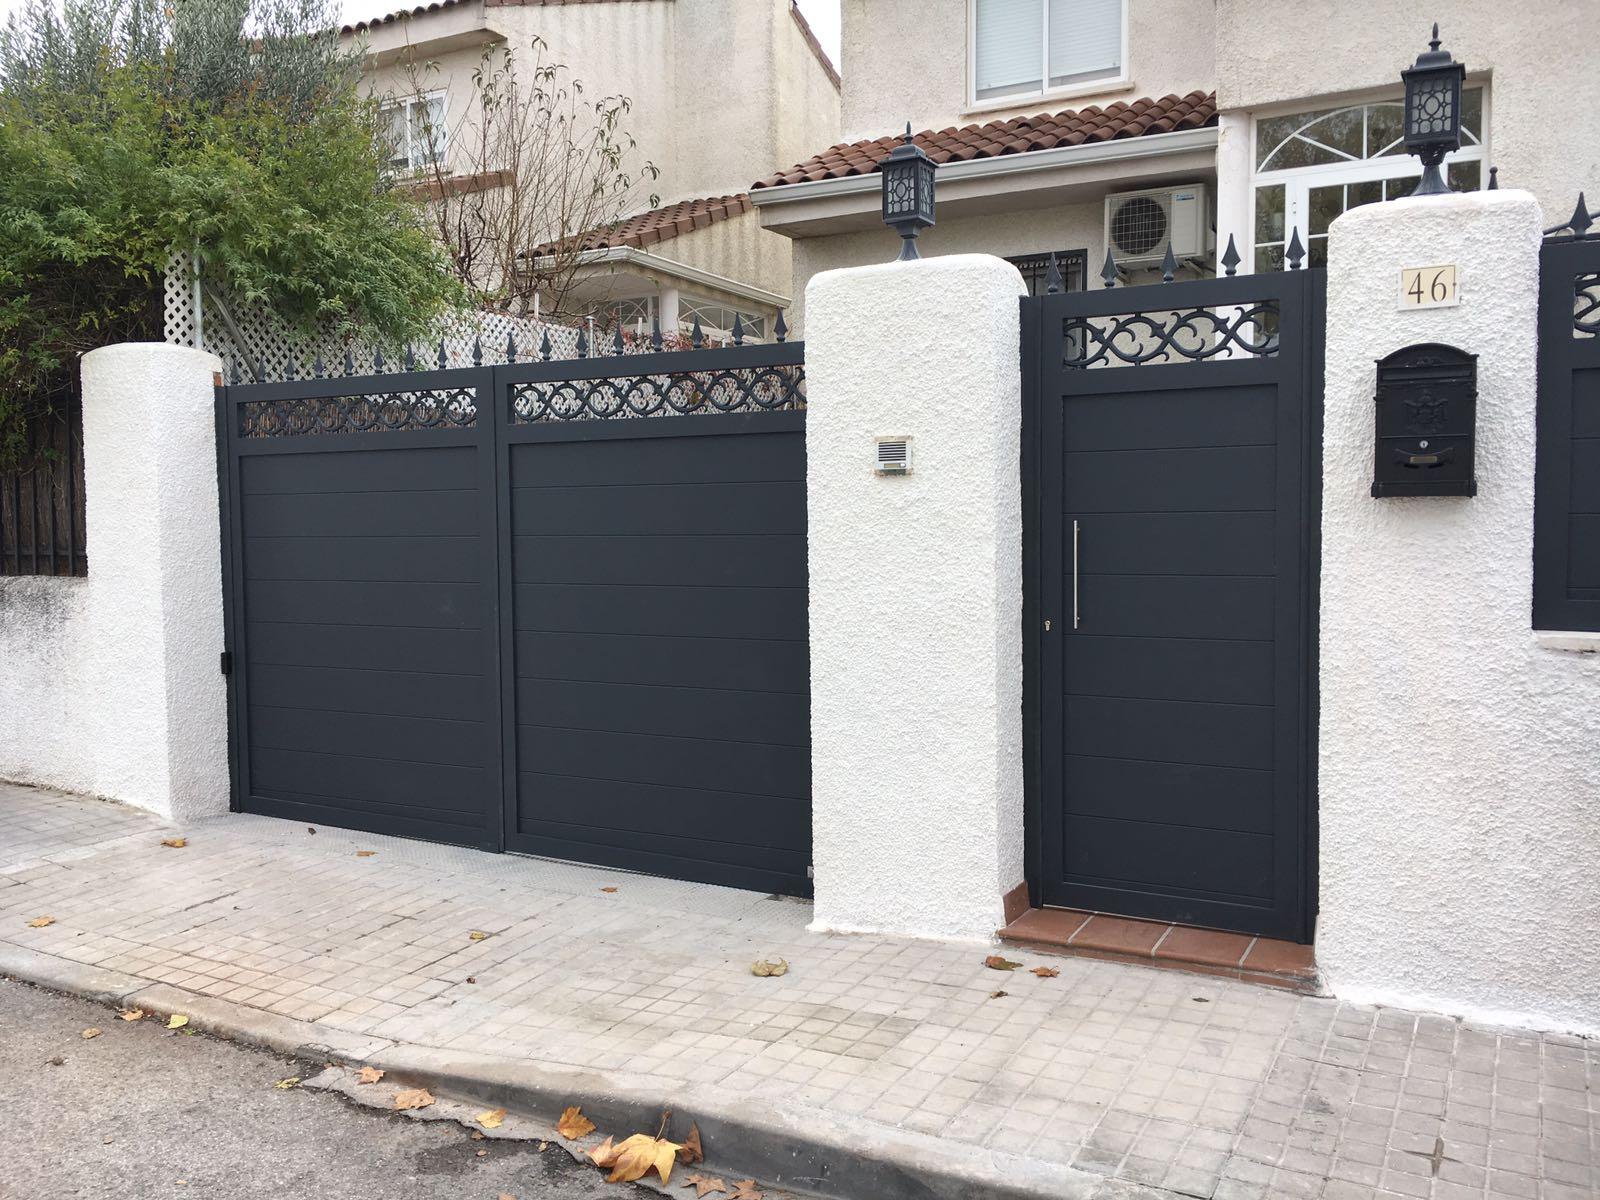 Puertas de forja exterior resultado de imagen para for Puertas principales modernas 2016